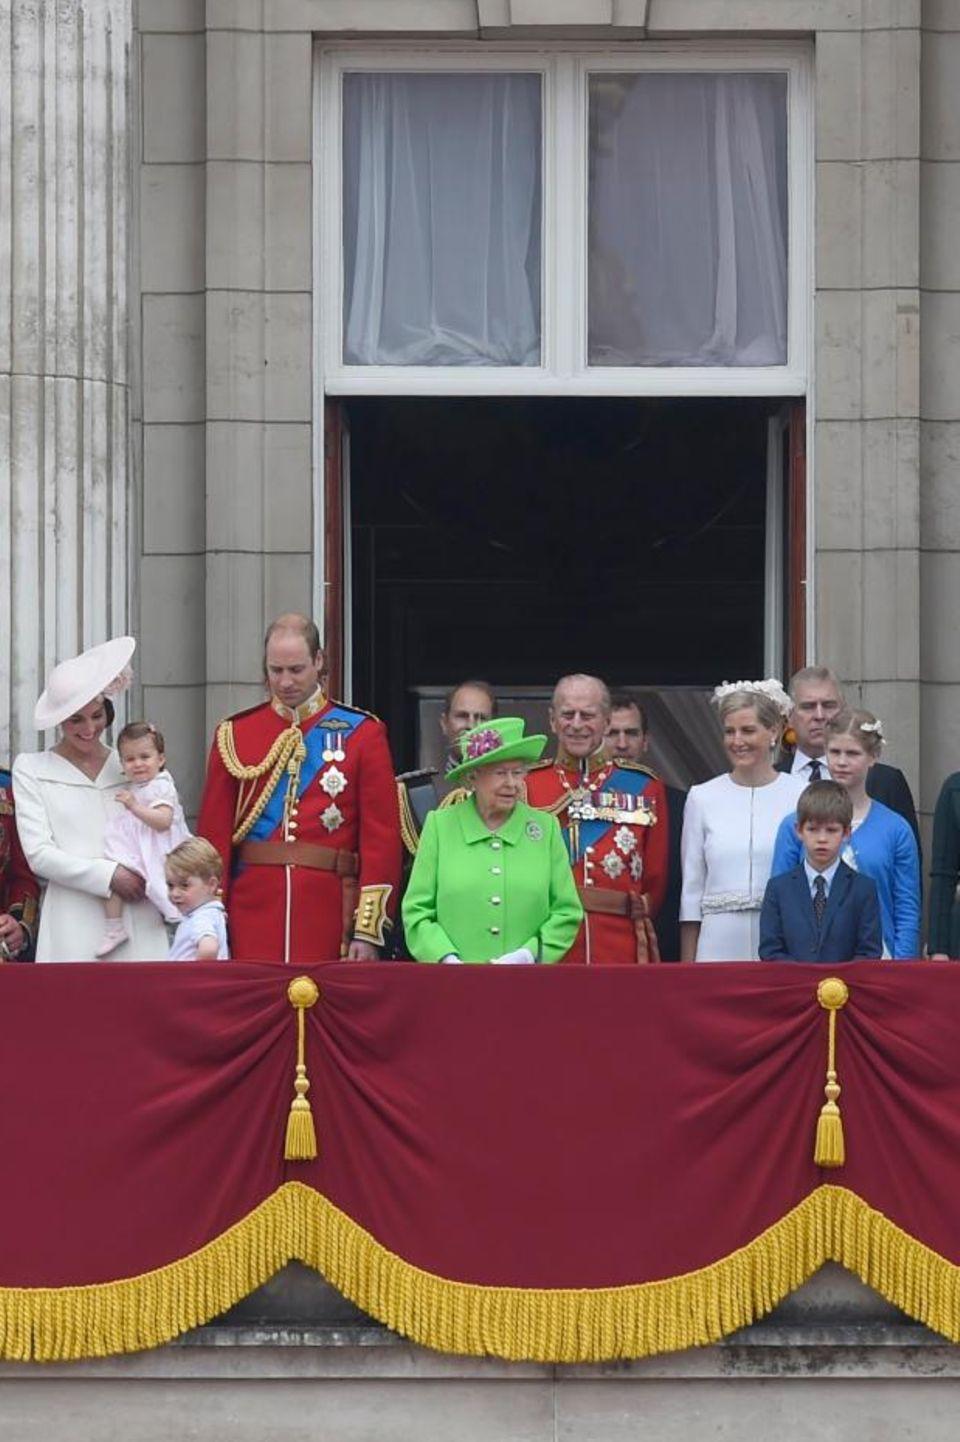 """11. Juni 2016  Selten sieht man so viele Windsors gemeinsam wie bei der Balkonszene bei """"Trooping the Colour"""". Neben der Queen (in grün) stehen links Prinz William und rechts Prinz Philip in roter Uniform. Neben William zu sehen sind Herzogin Catherine (mit Prinzessin Charlotte auf dem Arm), Prinz Charles und Herzogin Camilla, Prinzessin Anne (un Uniform), Zara Phillips und ihr Mann Mike Tindall. Rechts von Prinz Philip: Gräfin Sophie, Prinz Andrew, Lady Louise, James Viscount Severn und Prinzessin Eugenie."""